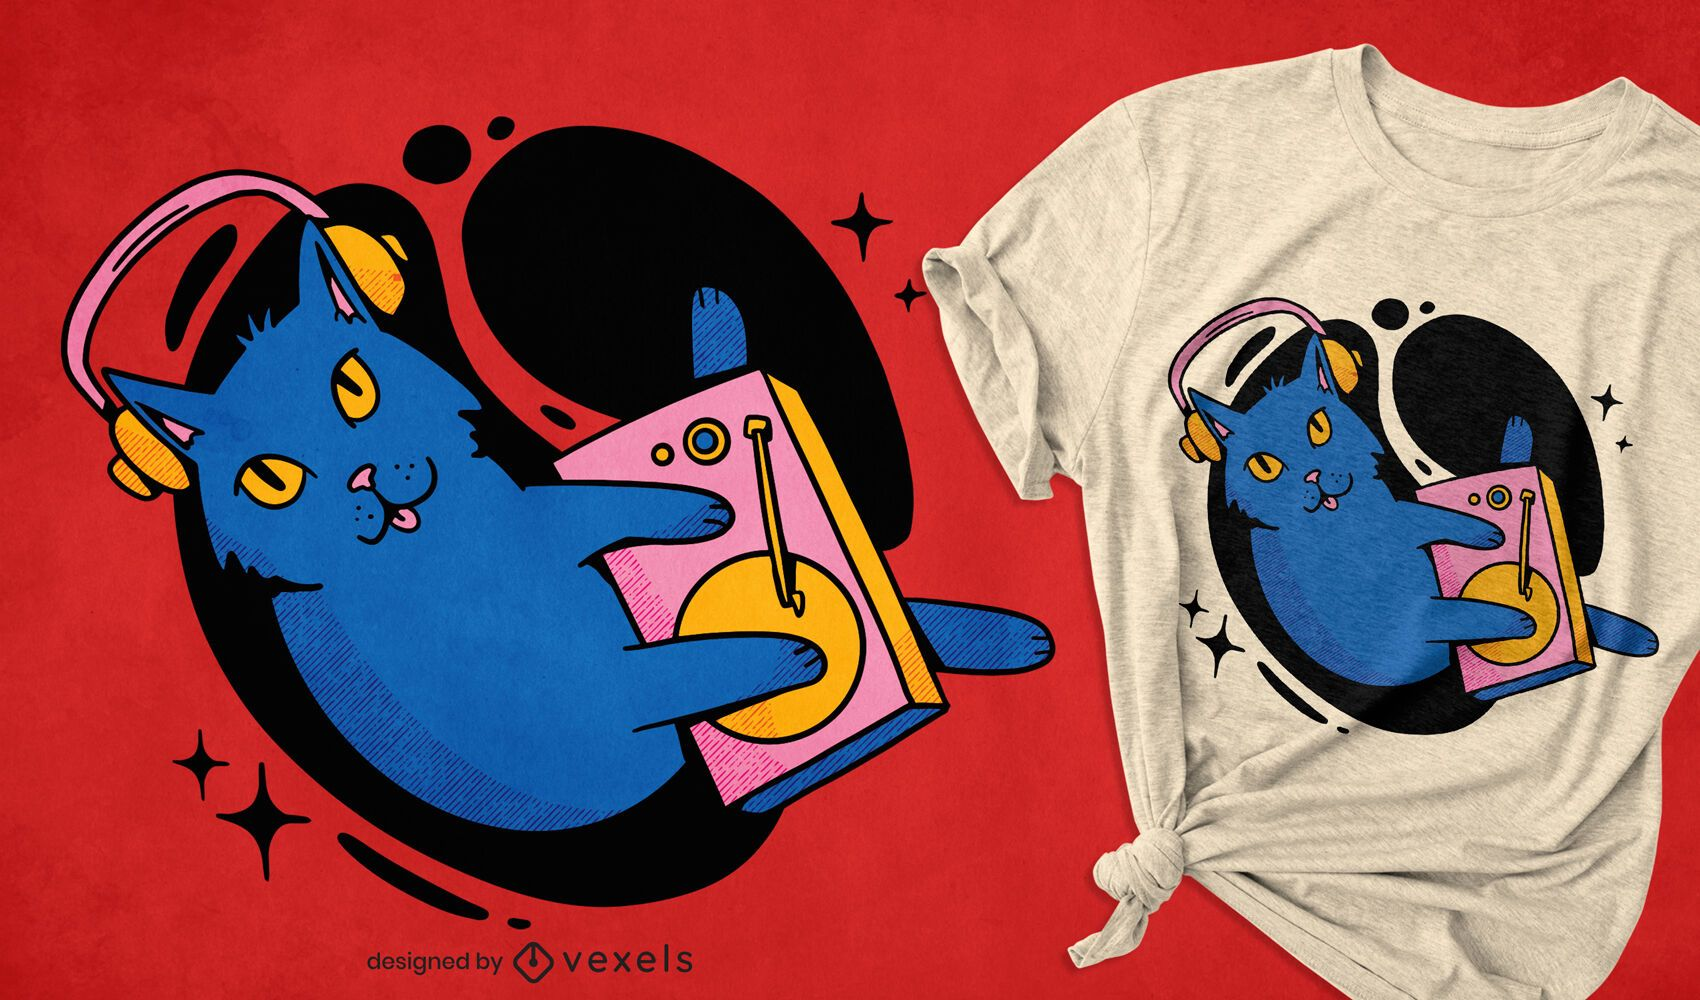 Buntes Katzen-DJing-T-Shirt-Design